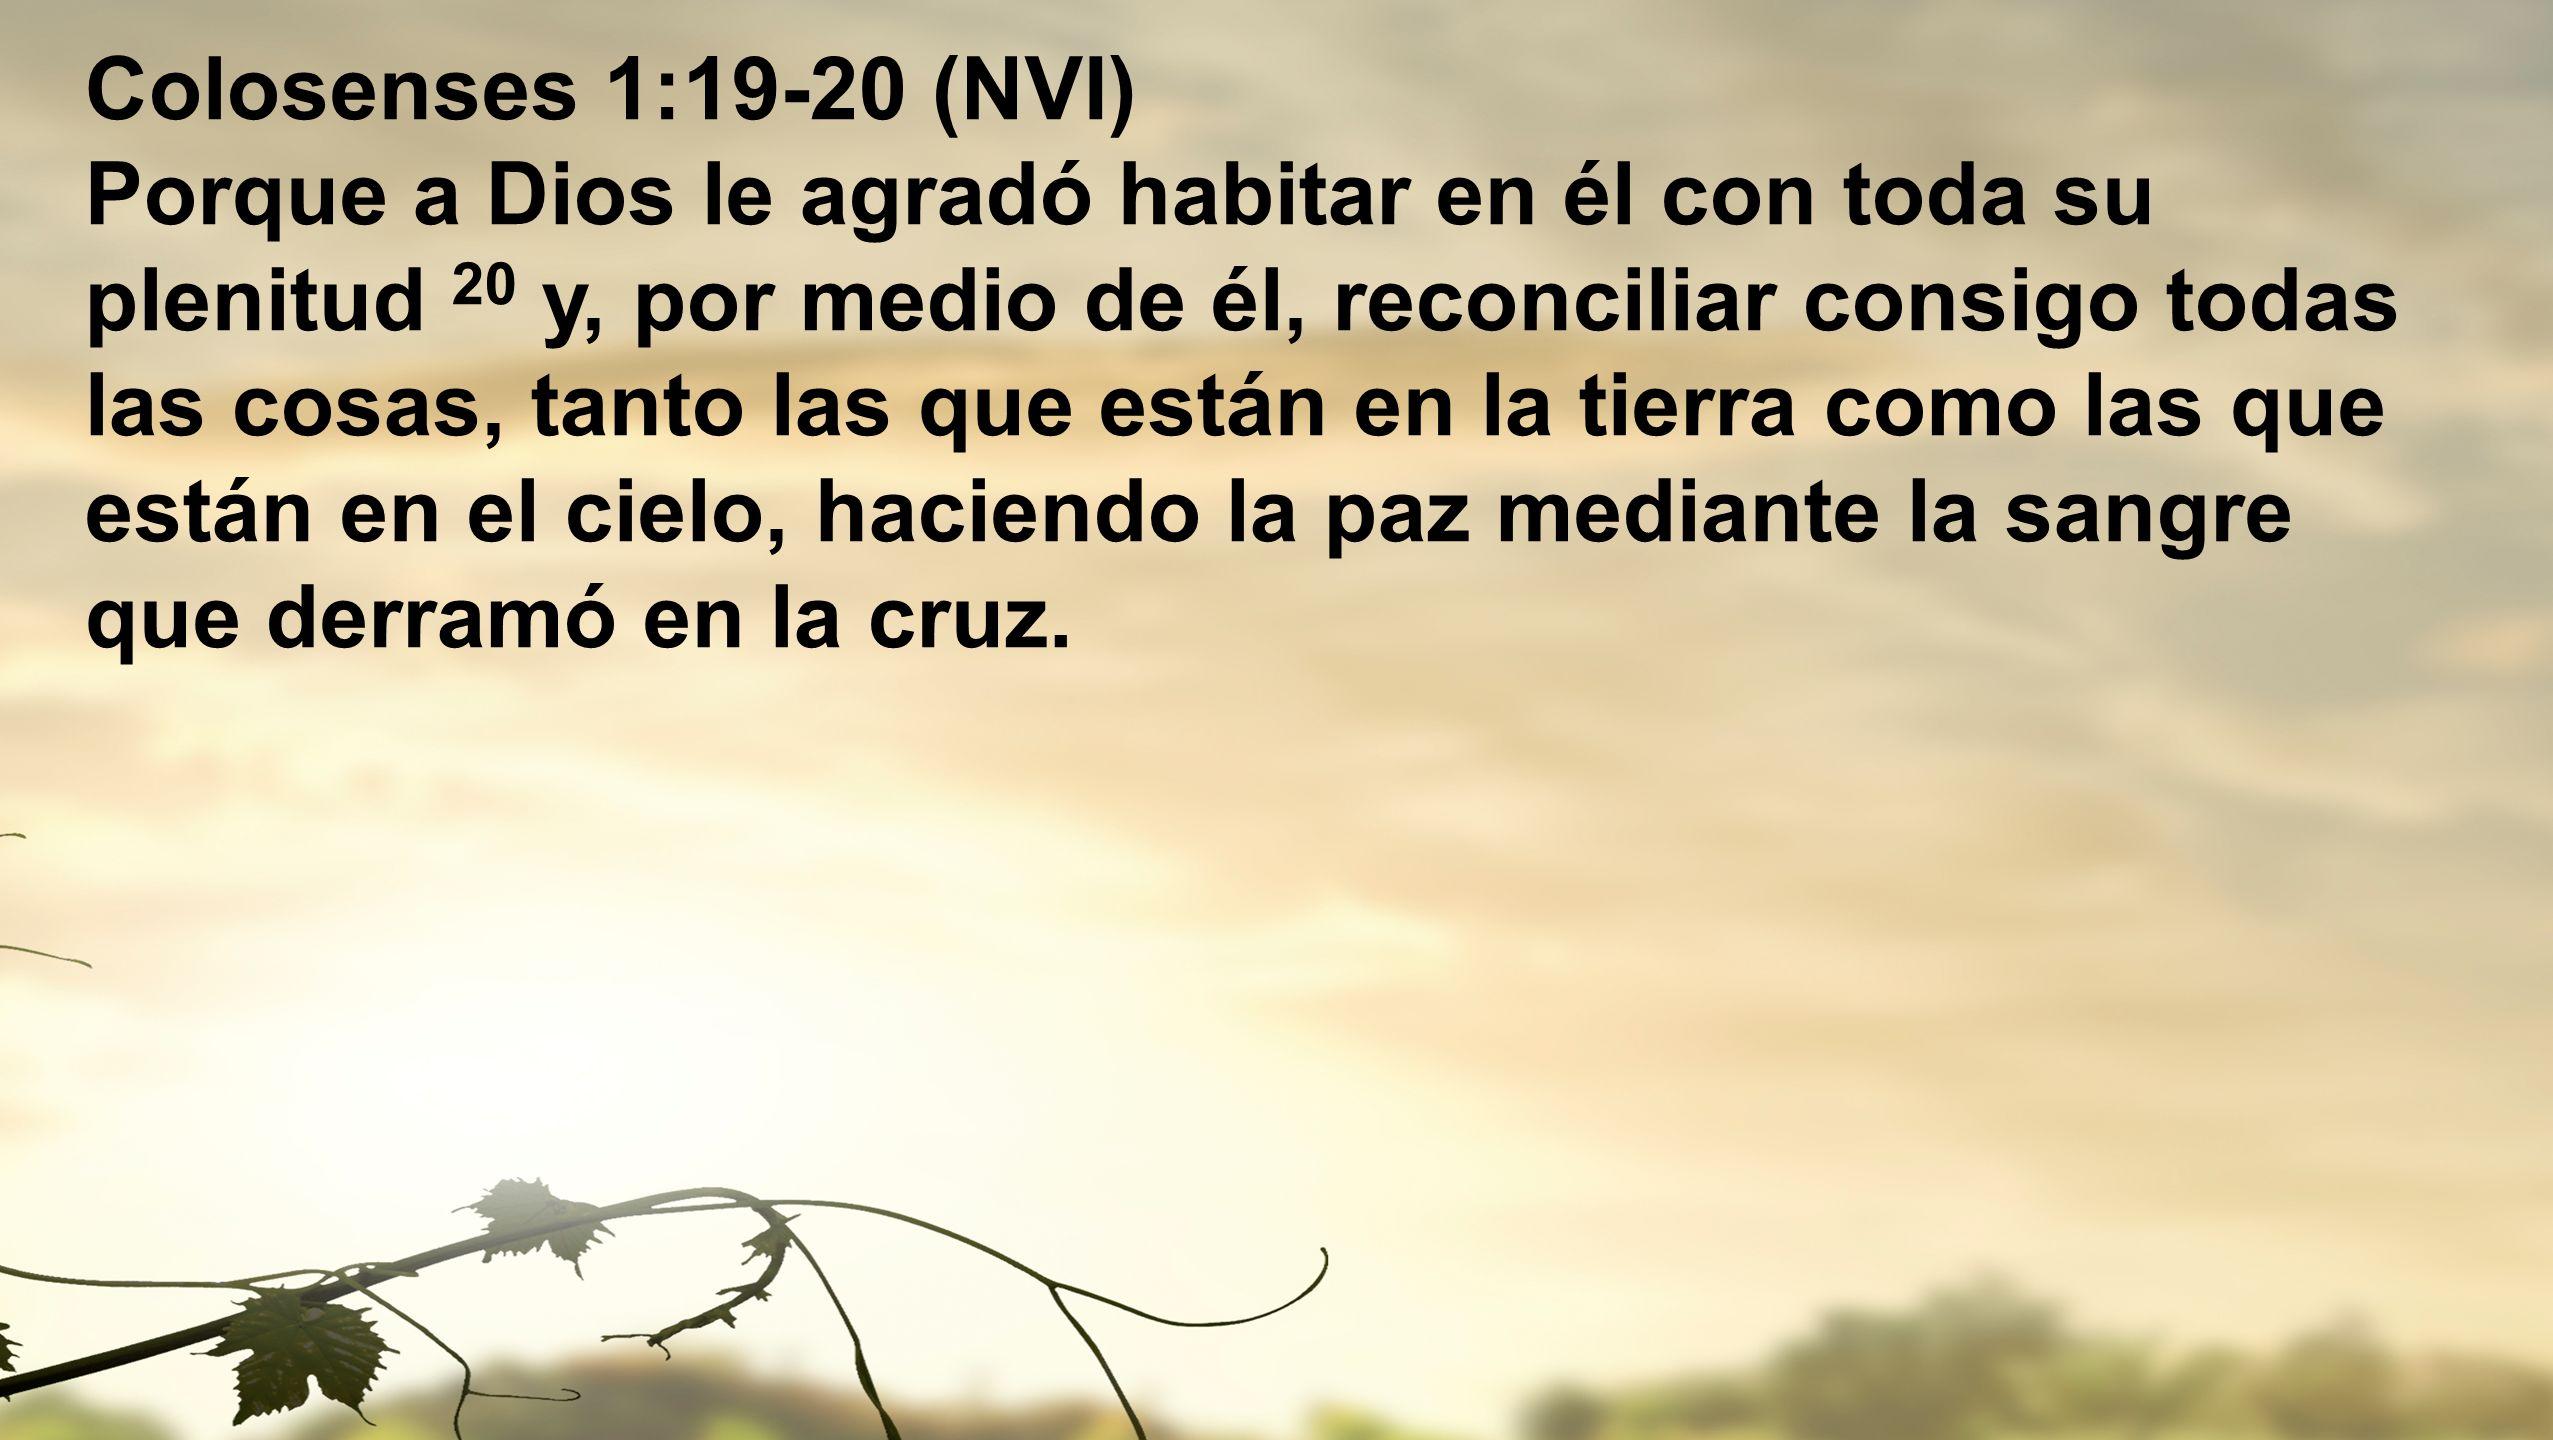 Colosenses 1:19-20 (NVI) Porque a Dios le agradó habitar en él con toda su plenitud 20 y, por medio de él, reconciliar consigo todas las cosas, tanto las que están en la tierra como las que están en el cielo, haciendo la paz mediante la sangre que derramó en la cruz.